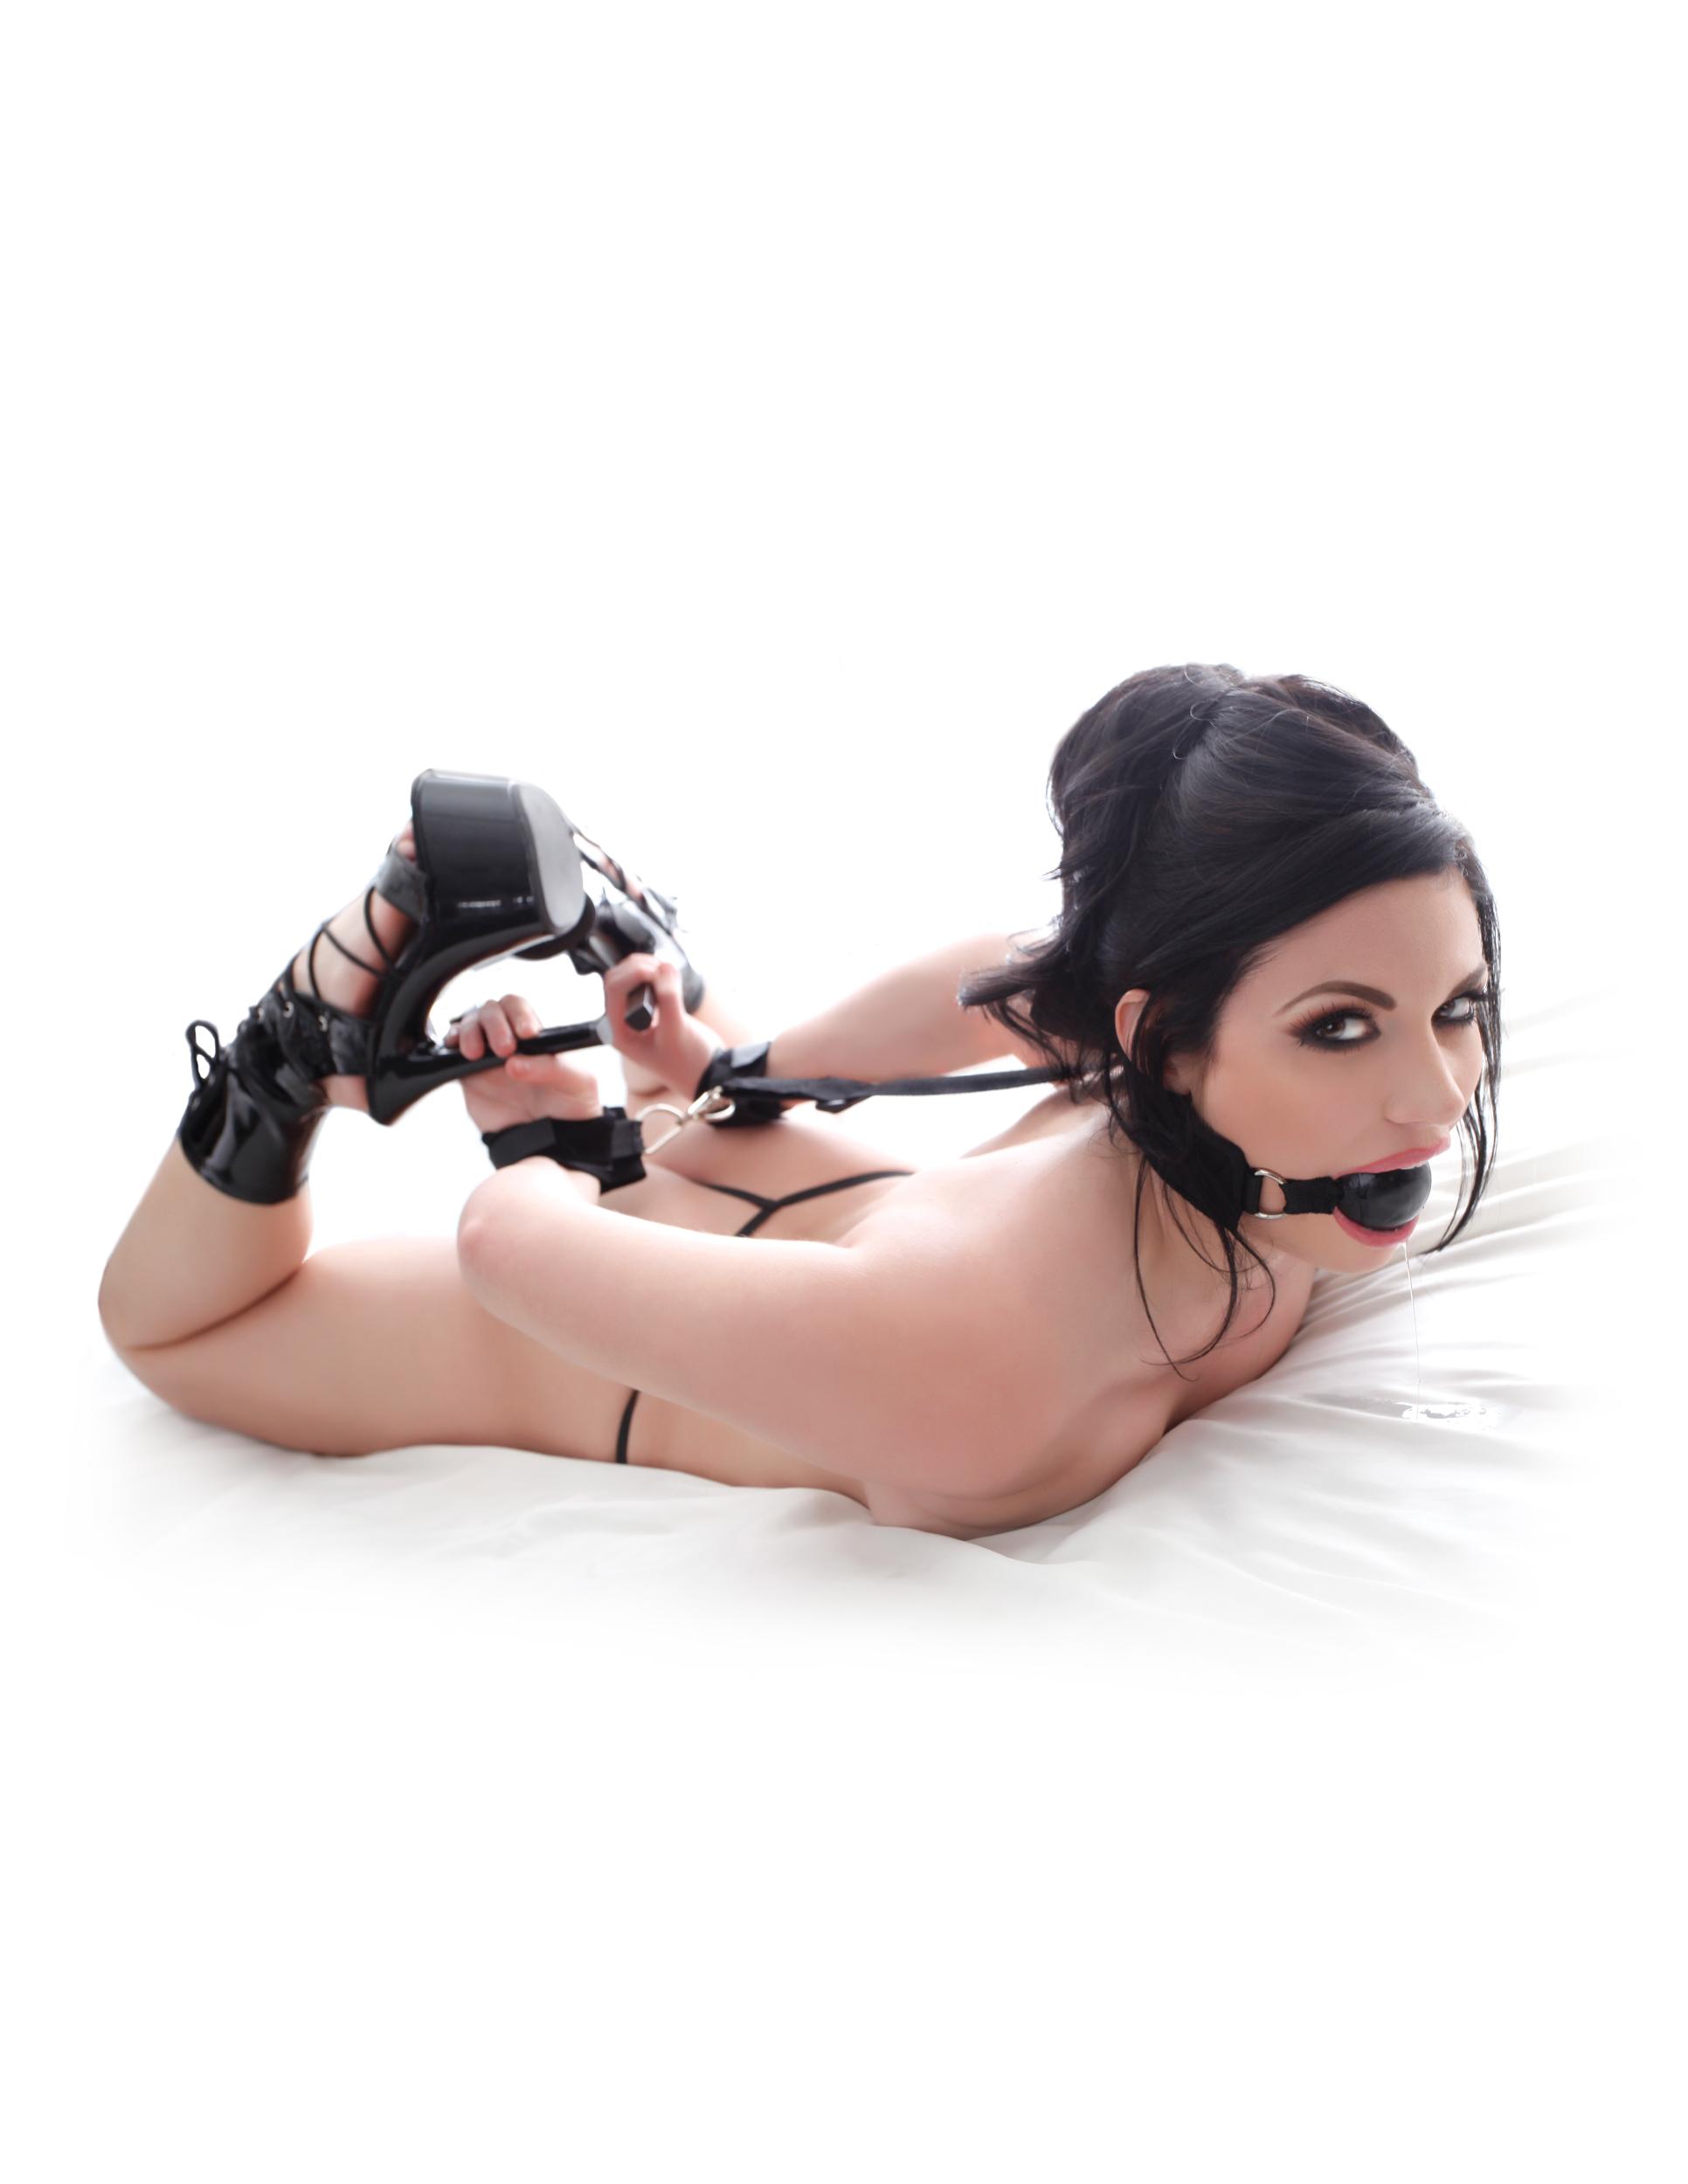 Фиксатор в порно 12 фотография